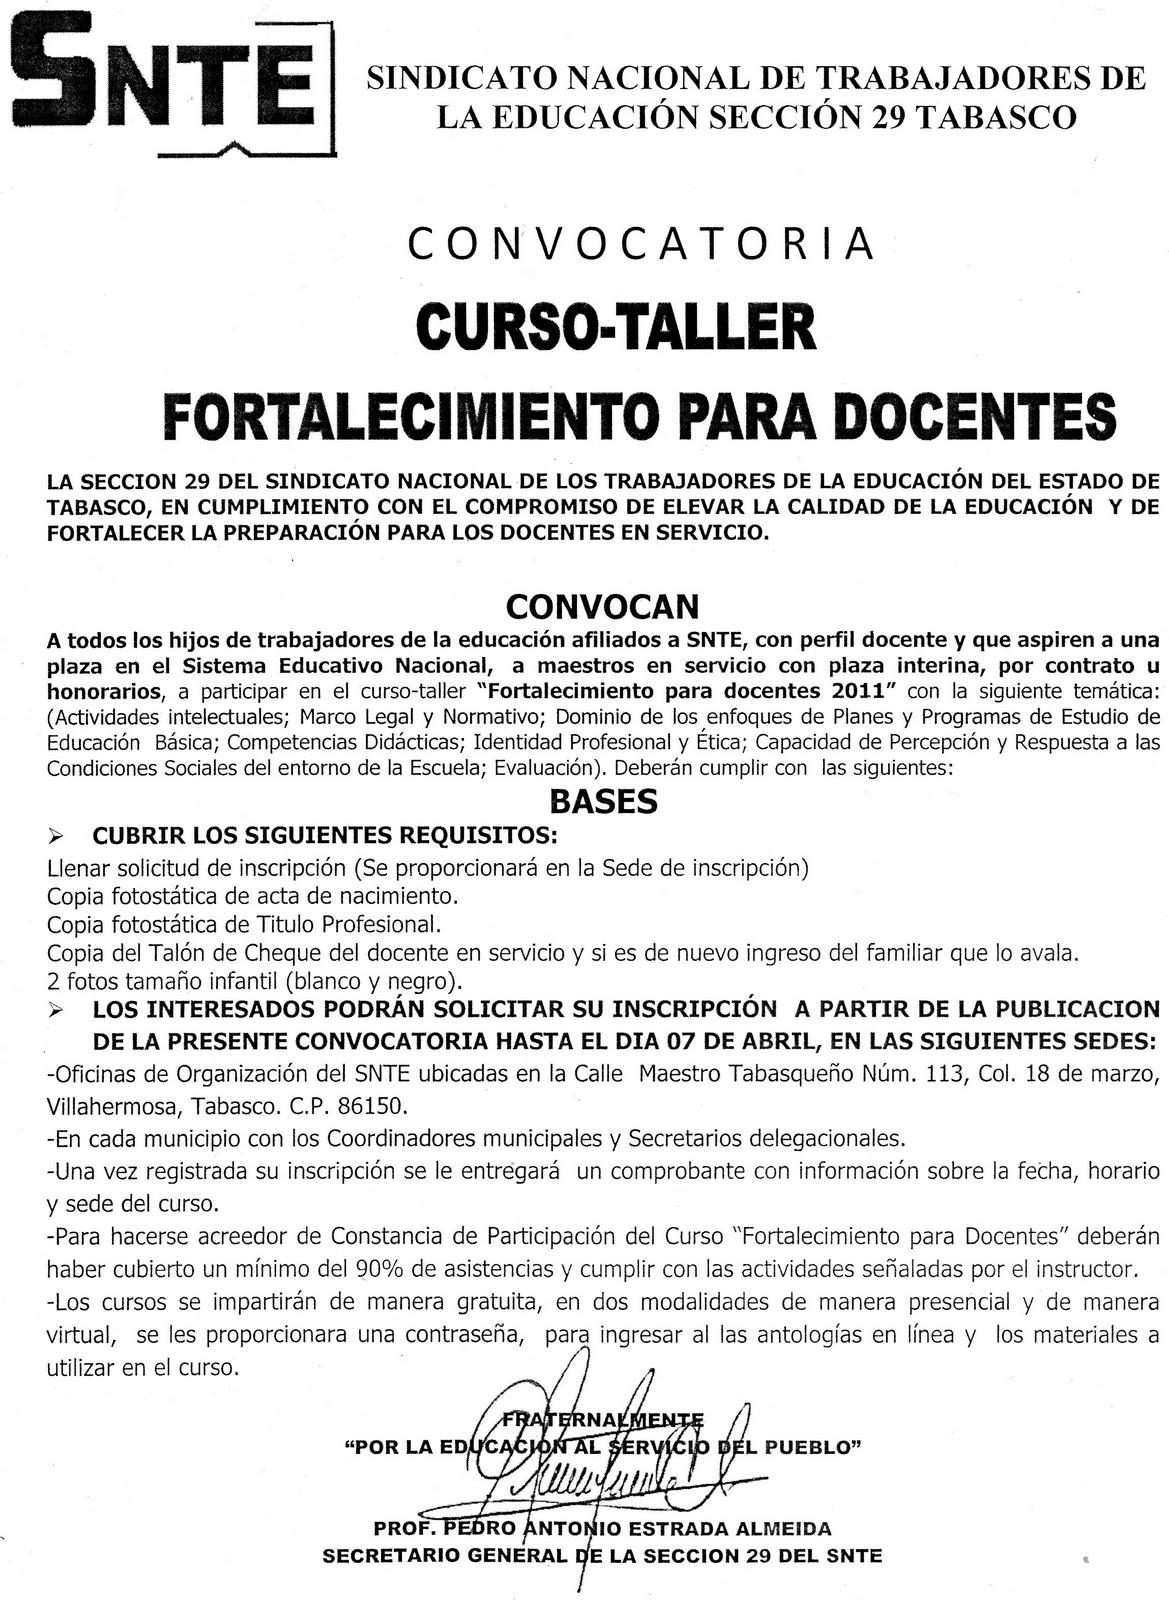 Delegacion d 1 44 27 03 11 3 04 11 for Convocatoria de maestros